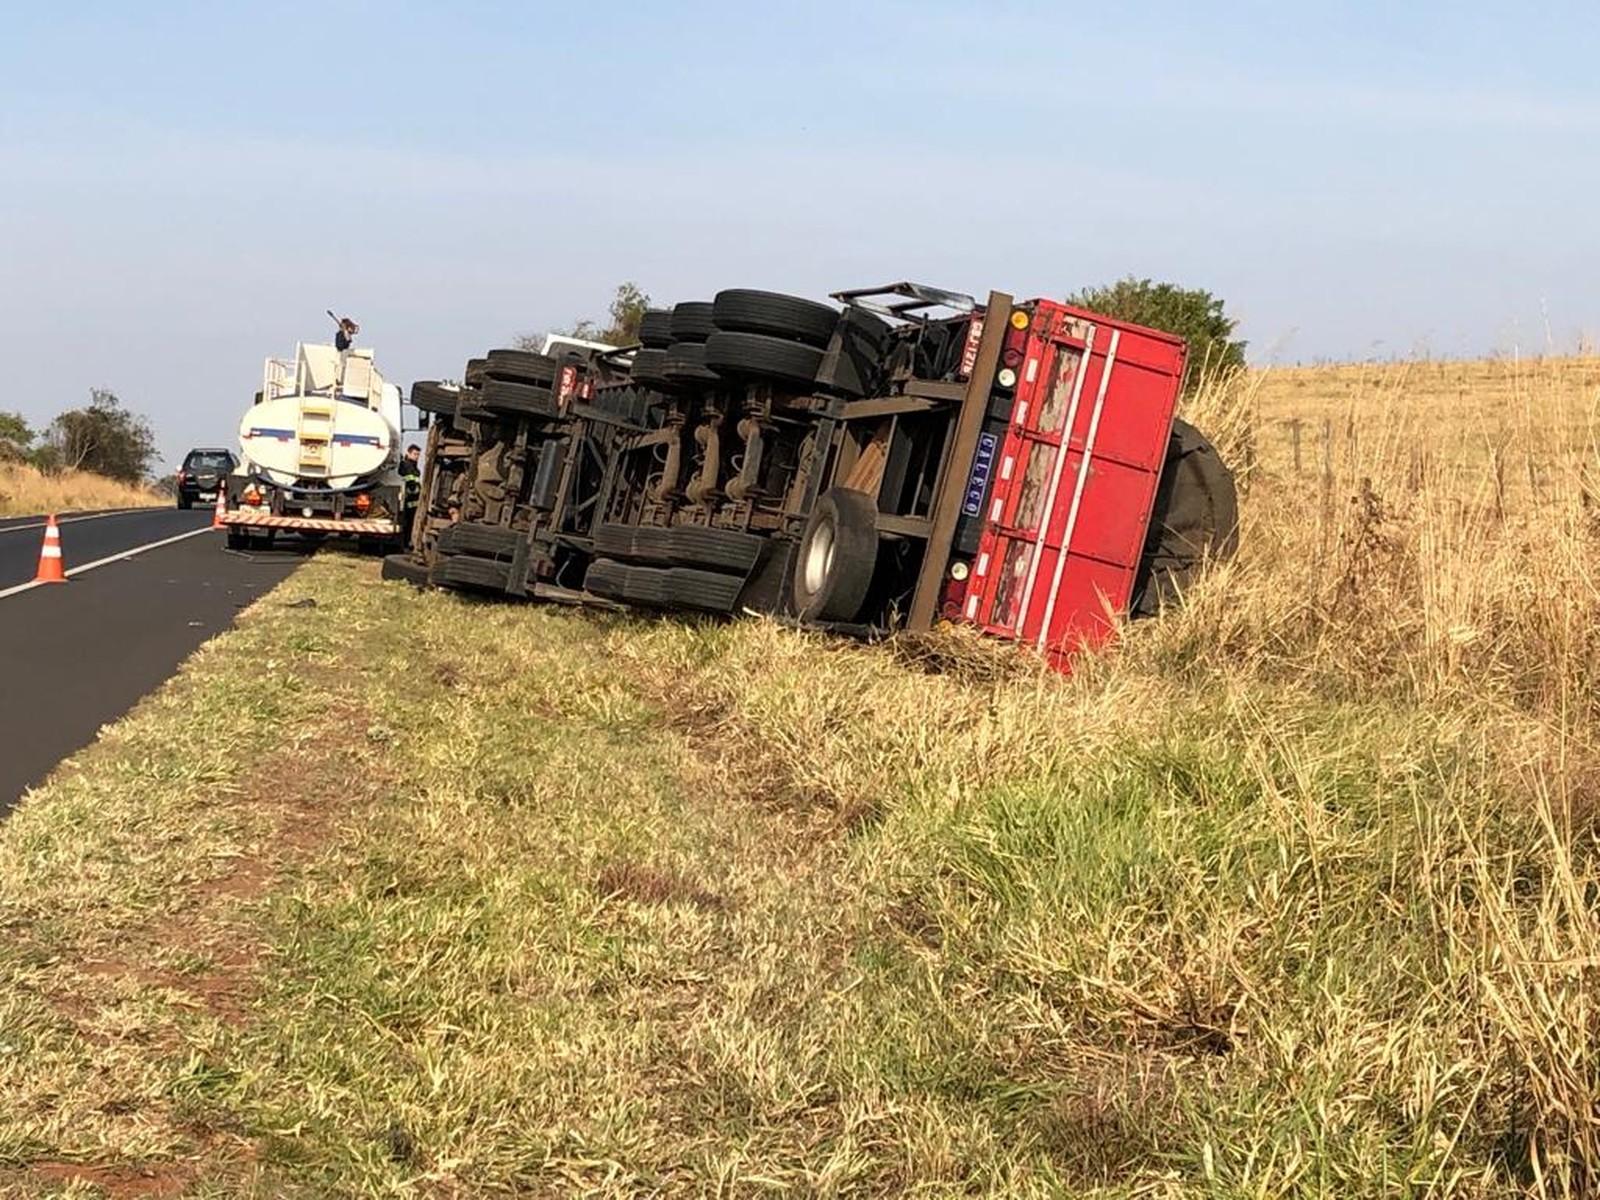 Caminhão tombou em trecho da SP-425 — Foto: Junior Paschoalotto/TV Fronteira